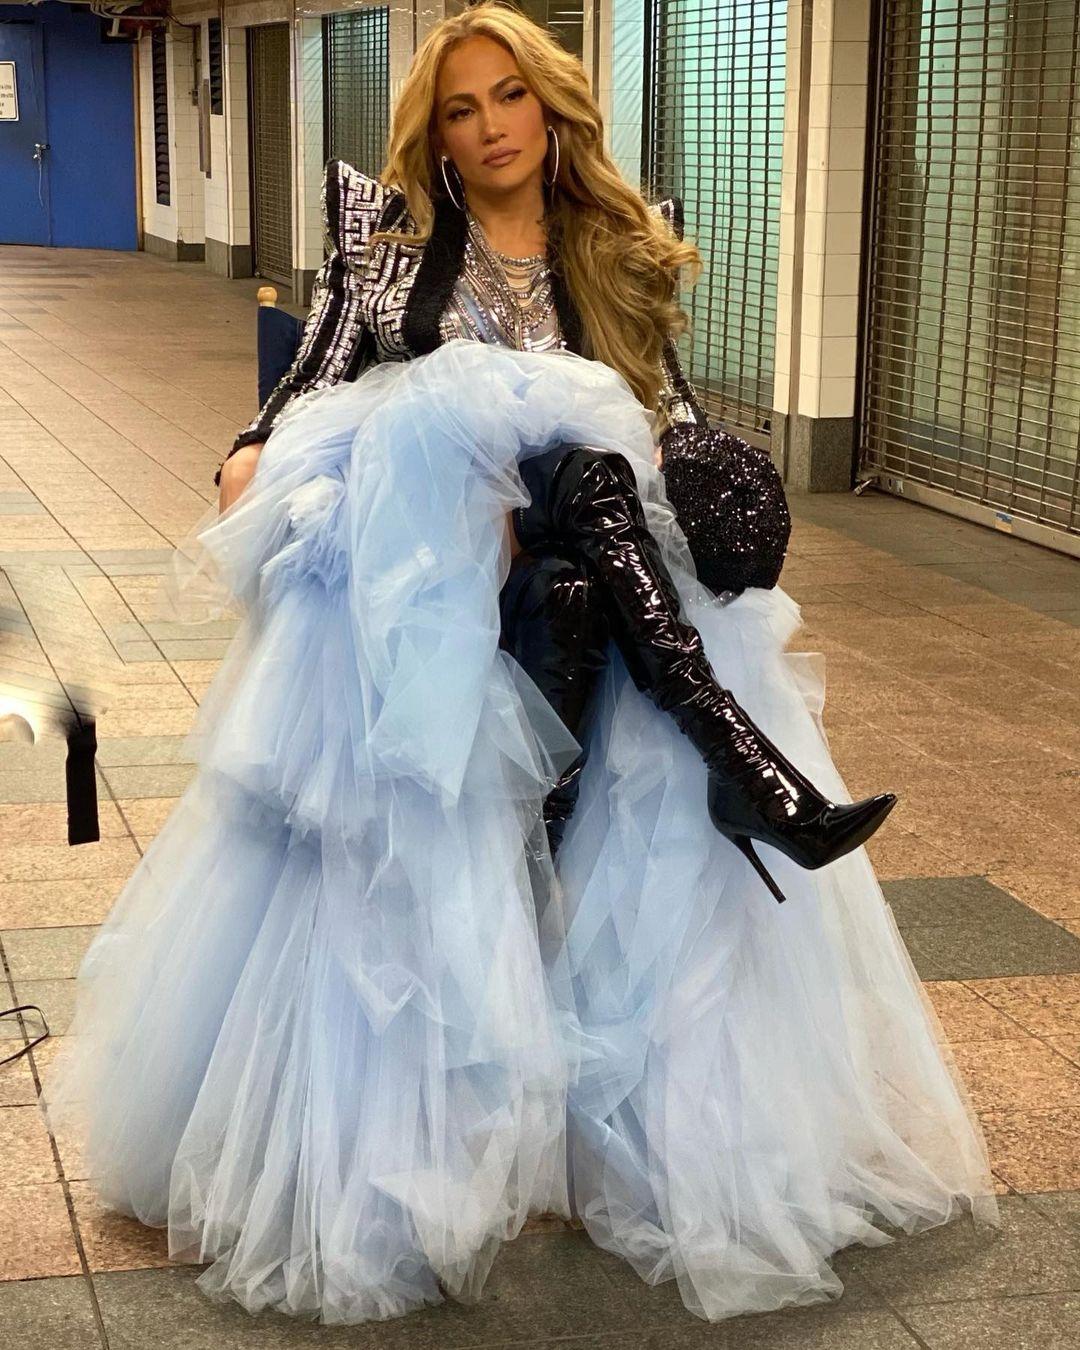 Новогодний образ: Дженнифер Лопес в платье из тюля и виниловых ботфортах (ФОТО) - фото №1